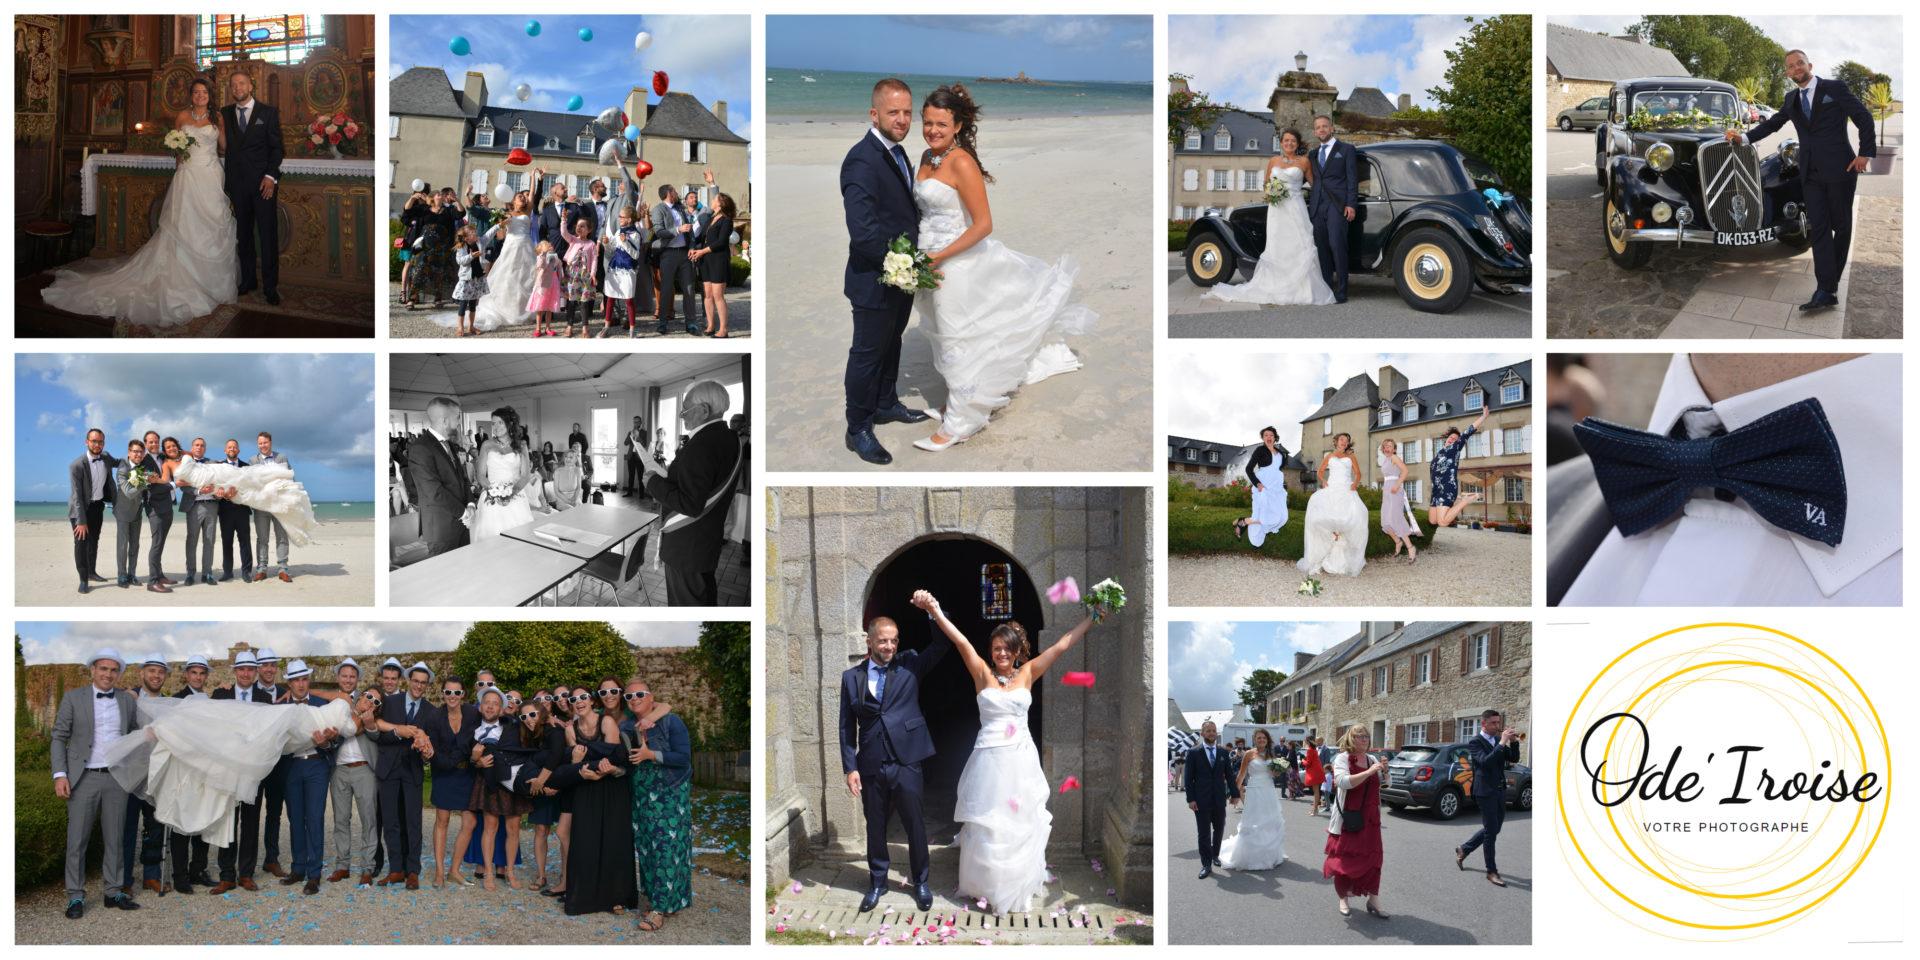 Votre photographe de mariage à brest